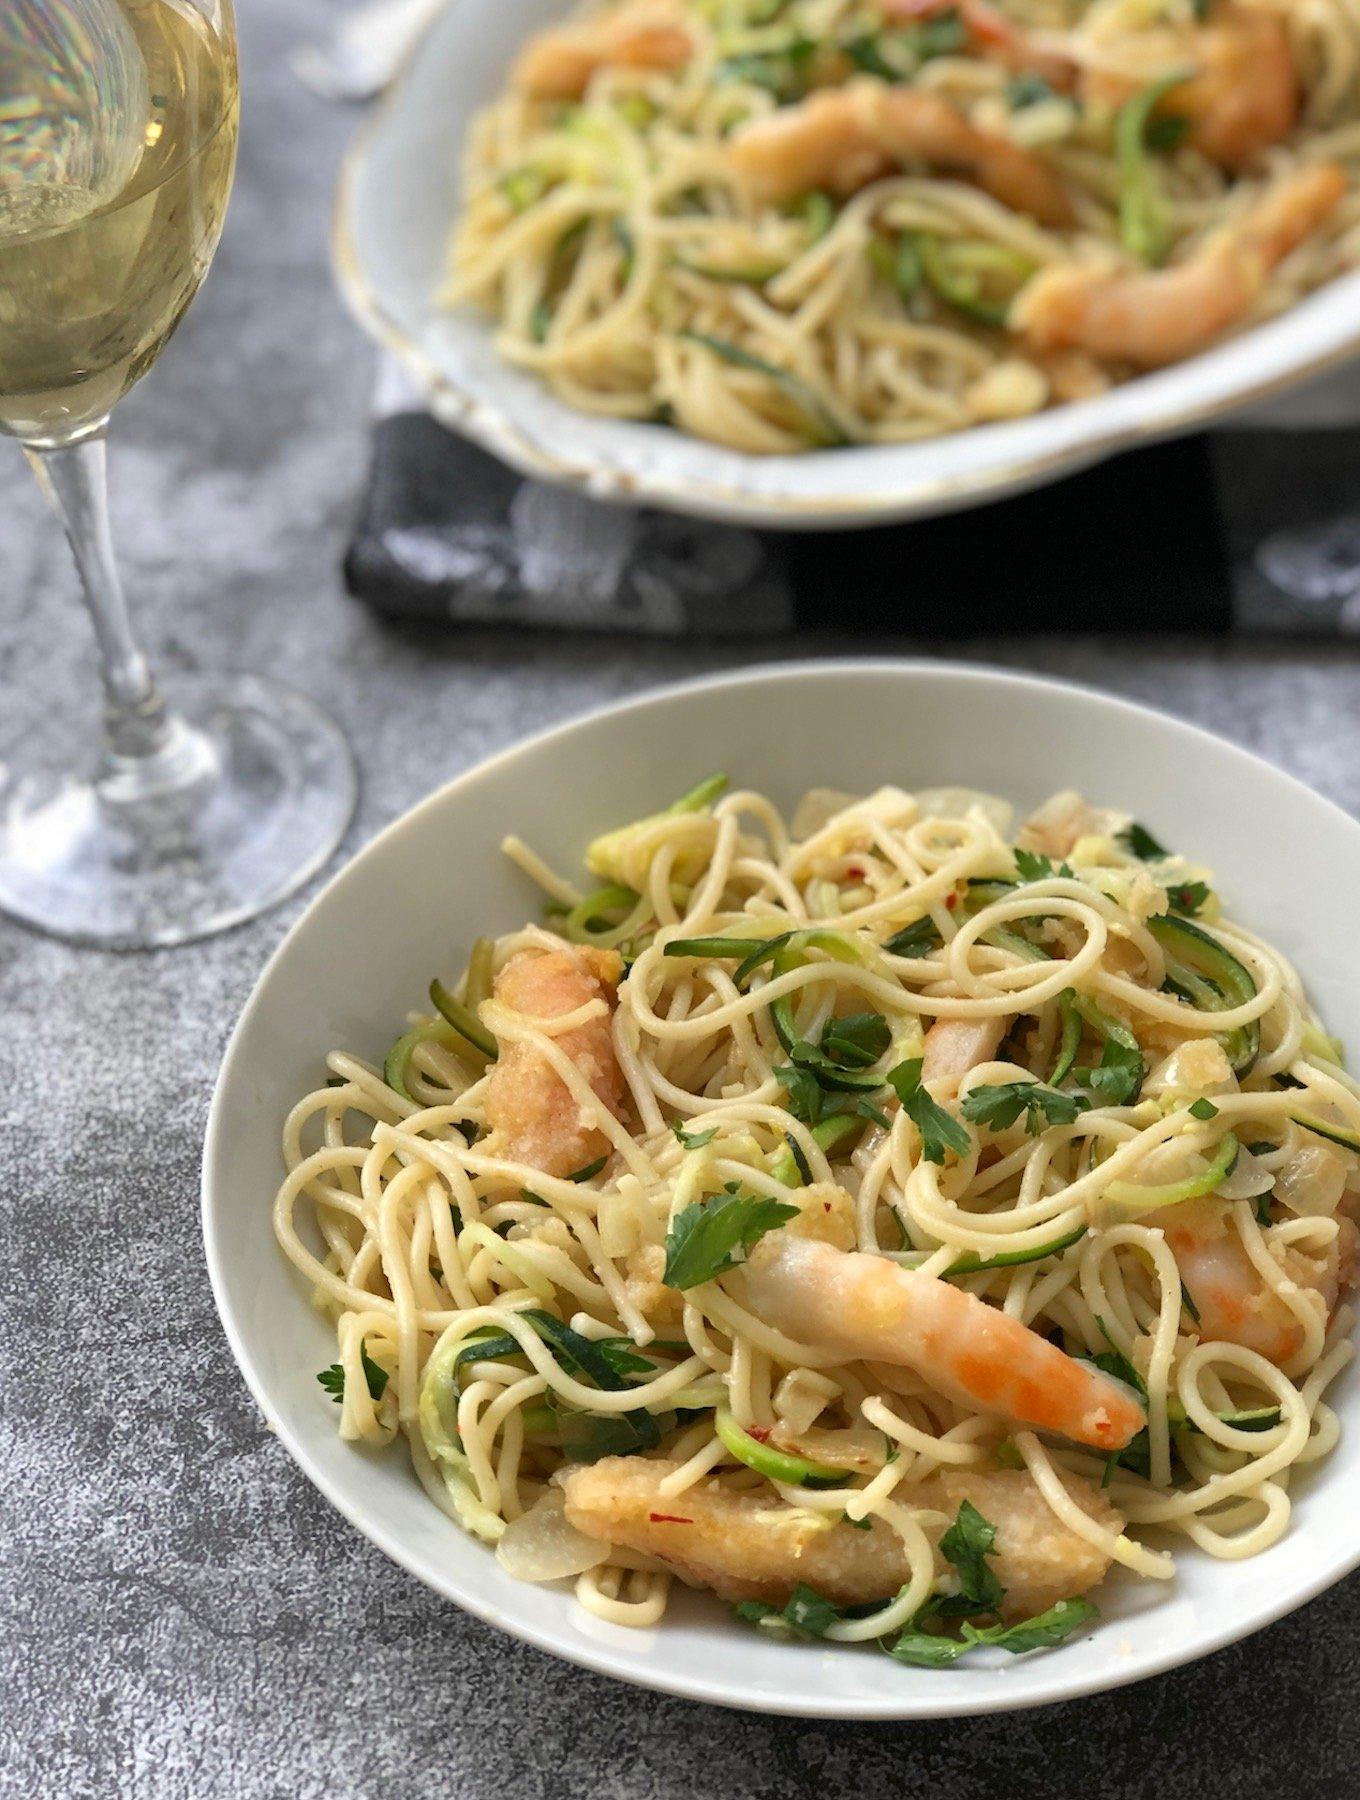 Vegan shrimp scampi made with Sophie's Kitchen plant-based shrimp